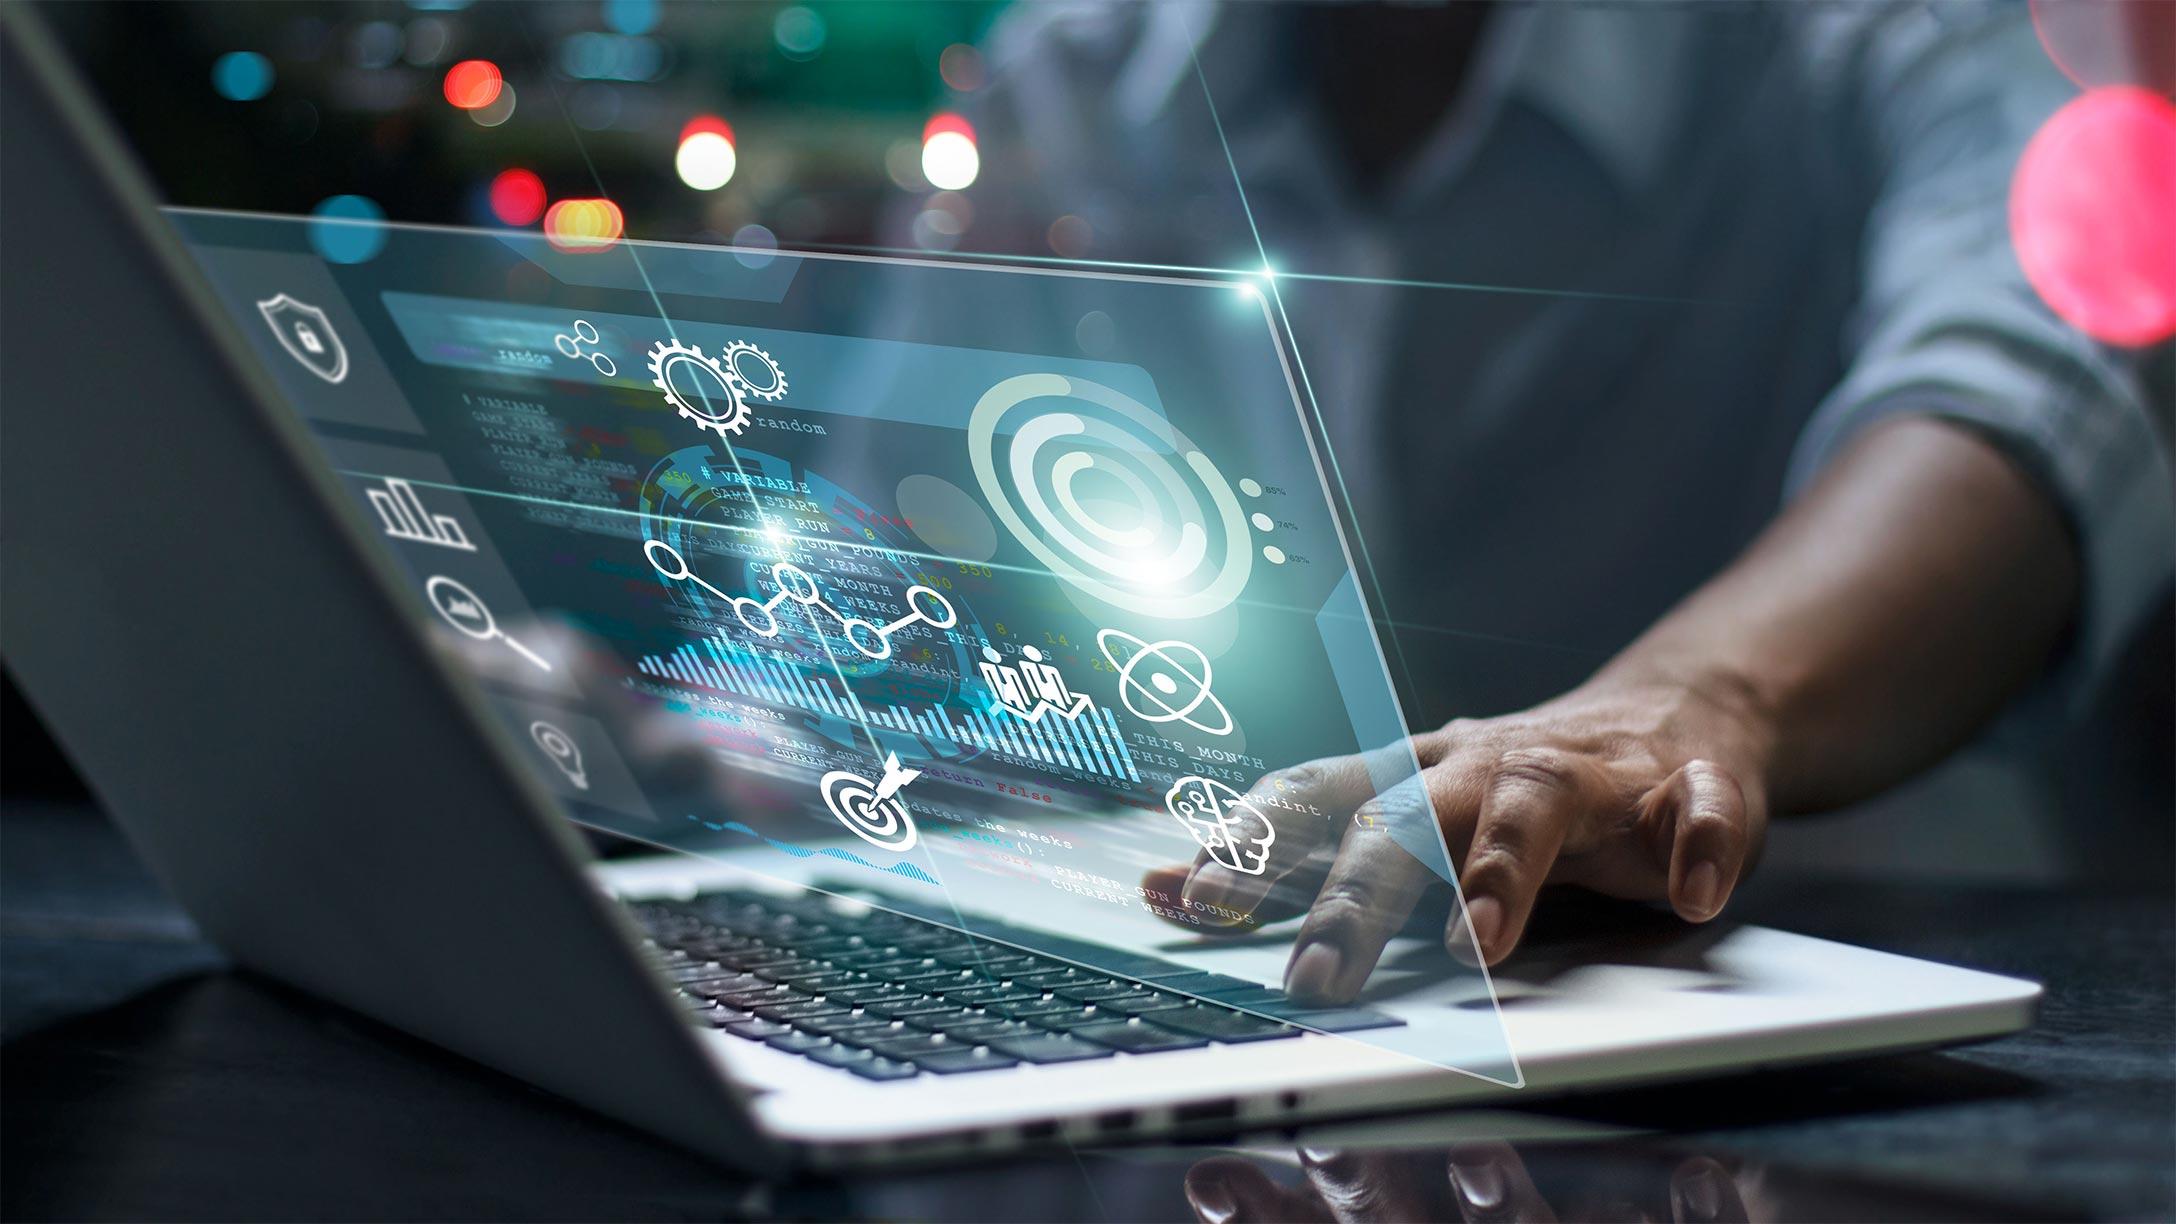 Imagen de un computador con información saliendo, y una mano de alguien operándolo